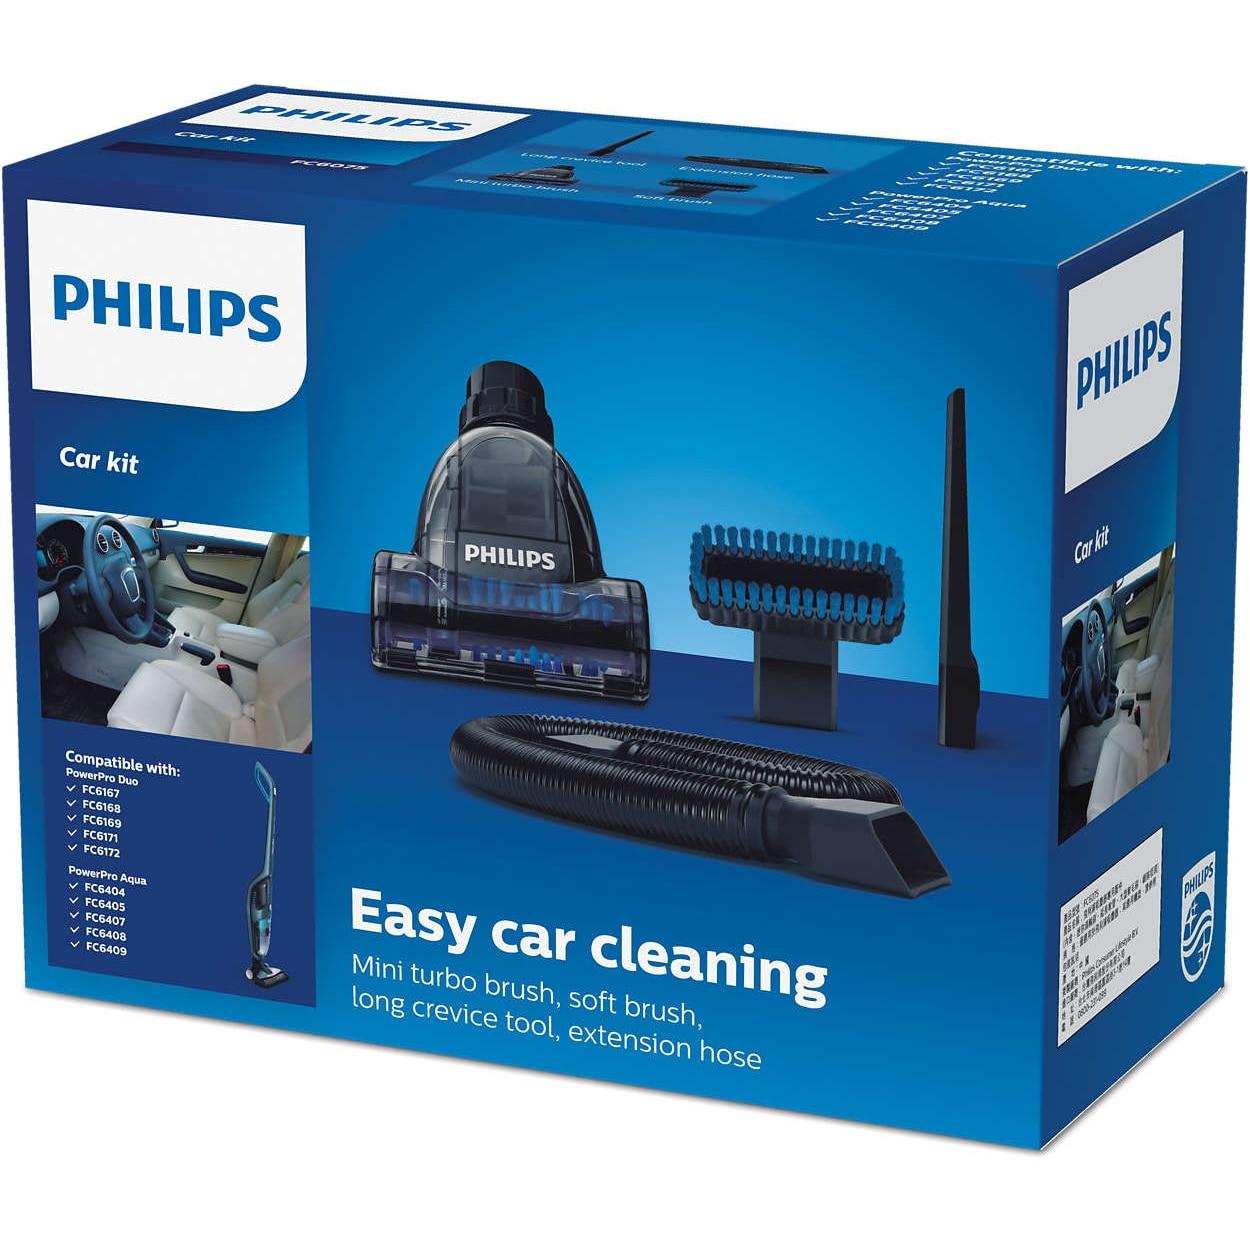 Fotografie Accesoriu Philips FC6075/01 pentru curatare automobil compatibil cu aspiratoarele verticale Philips PowerPro Aqua si PowerPro Duo